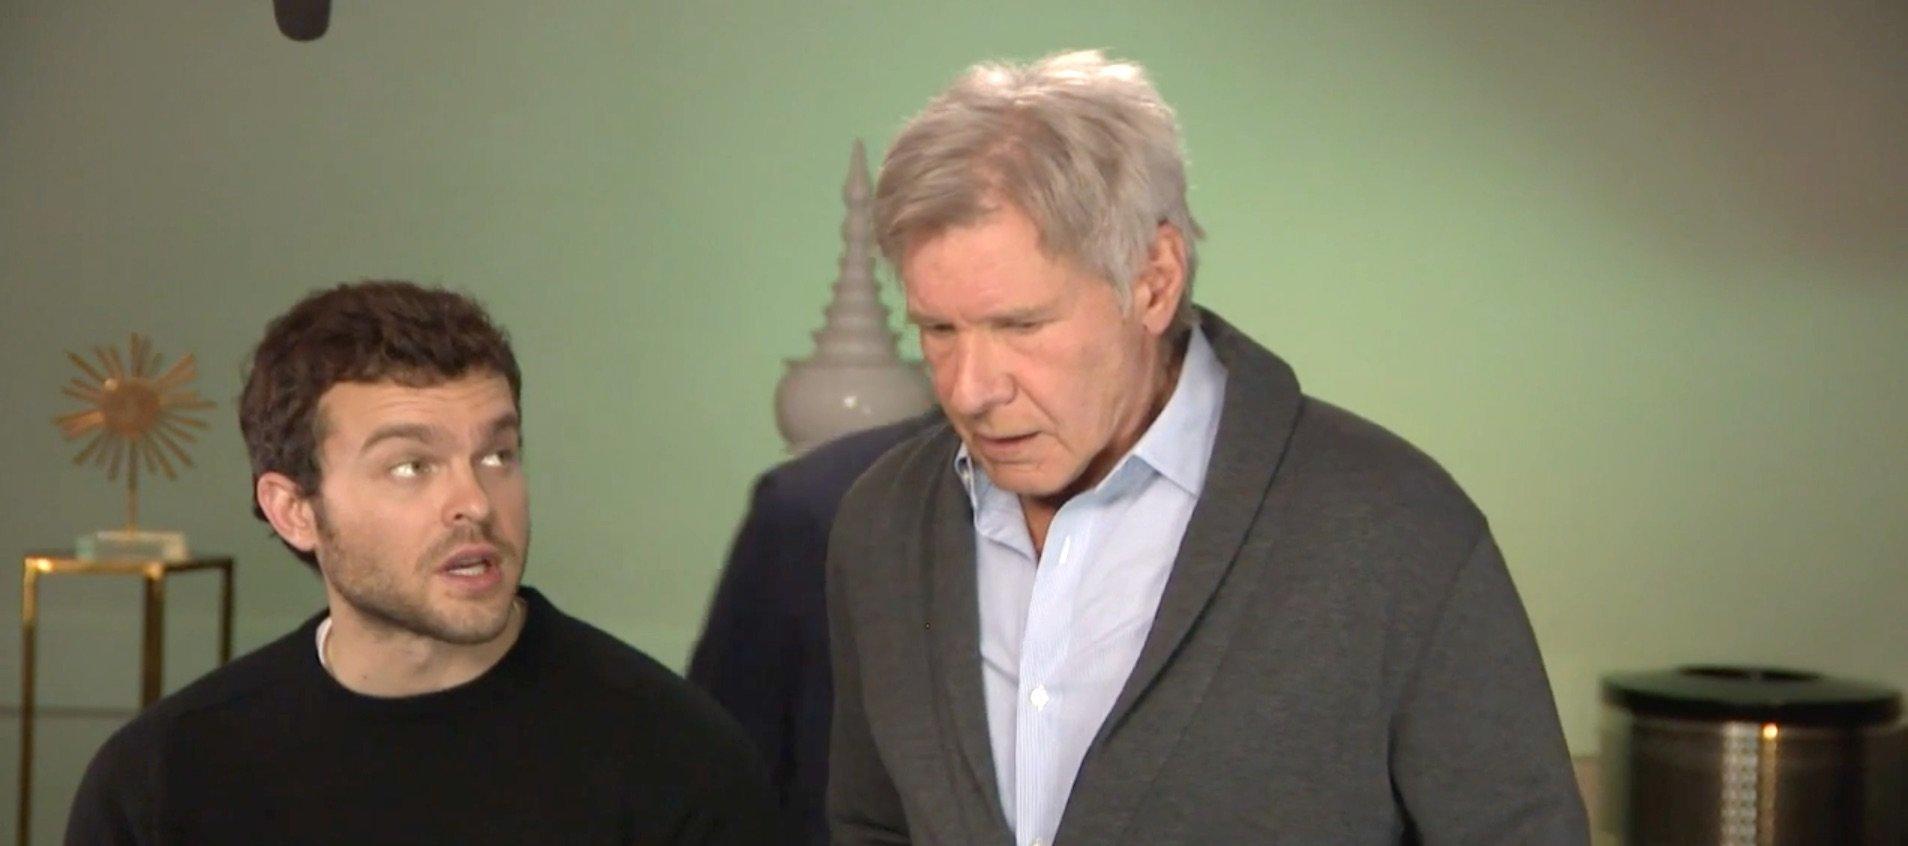 Harrison Ford Alden Ehrenreich